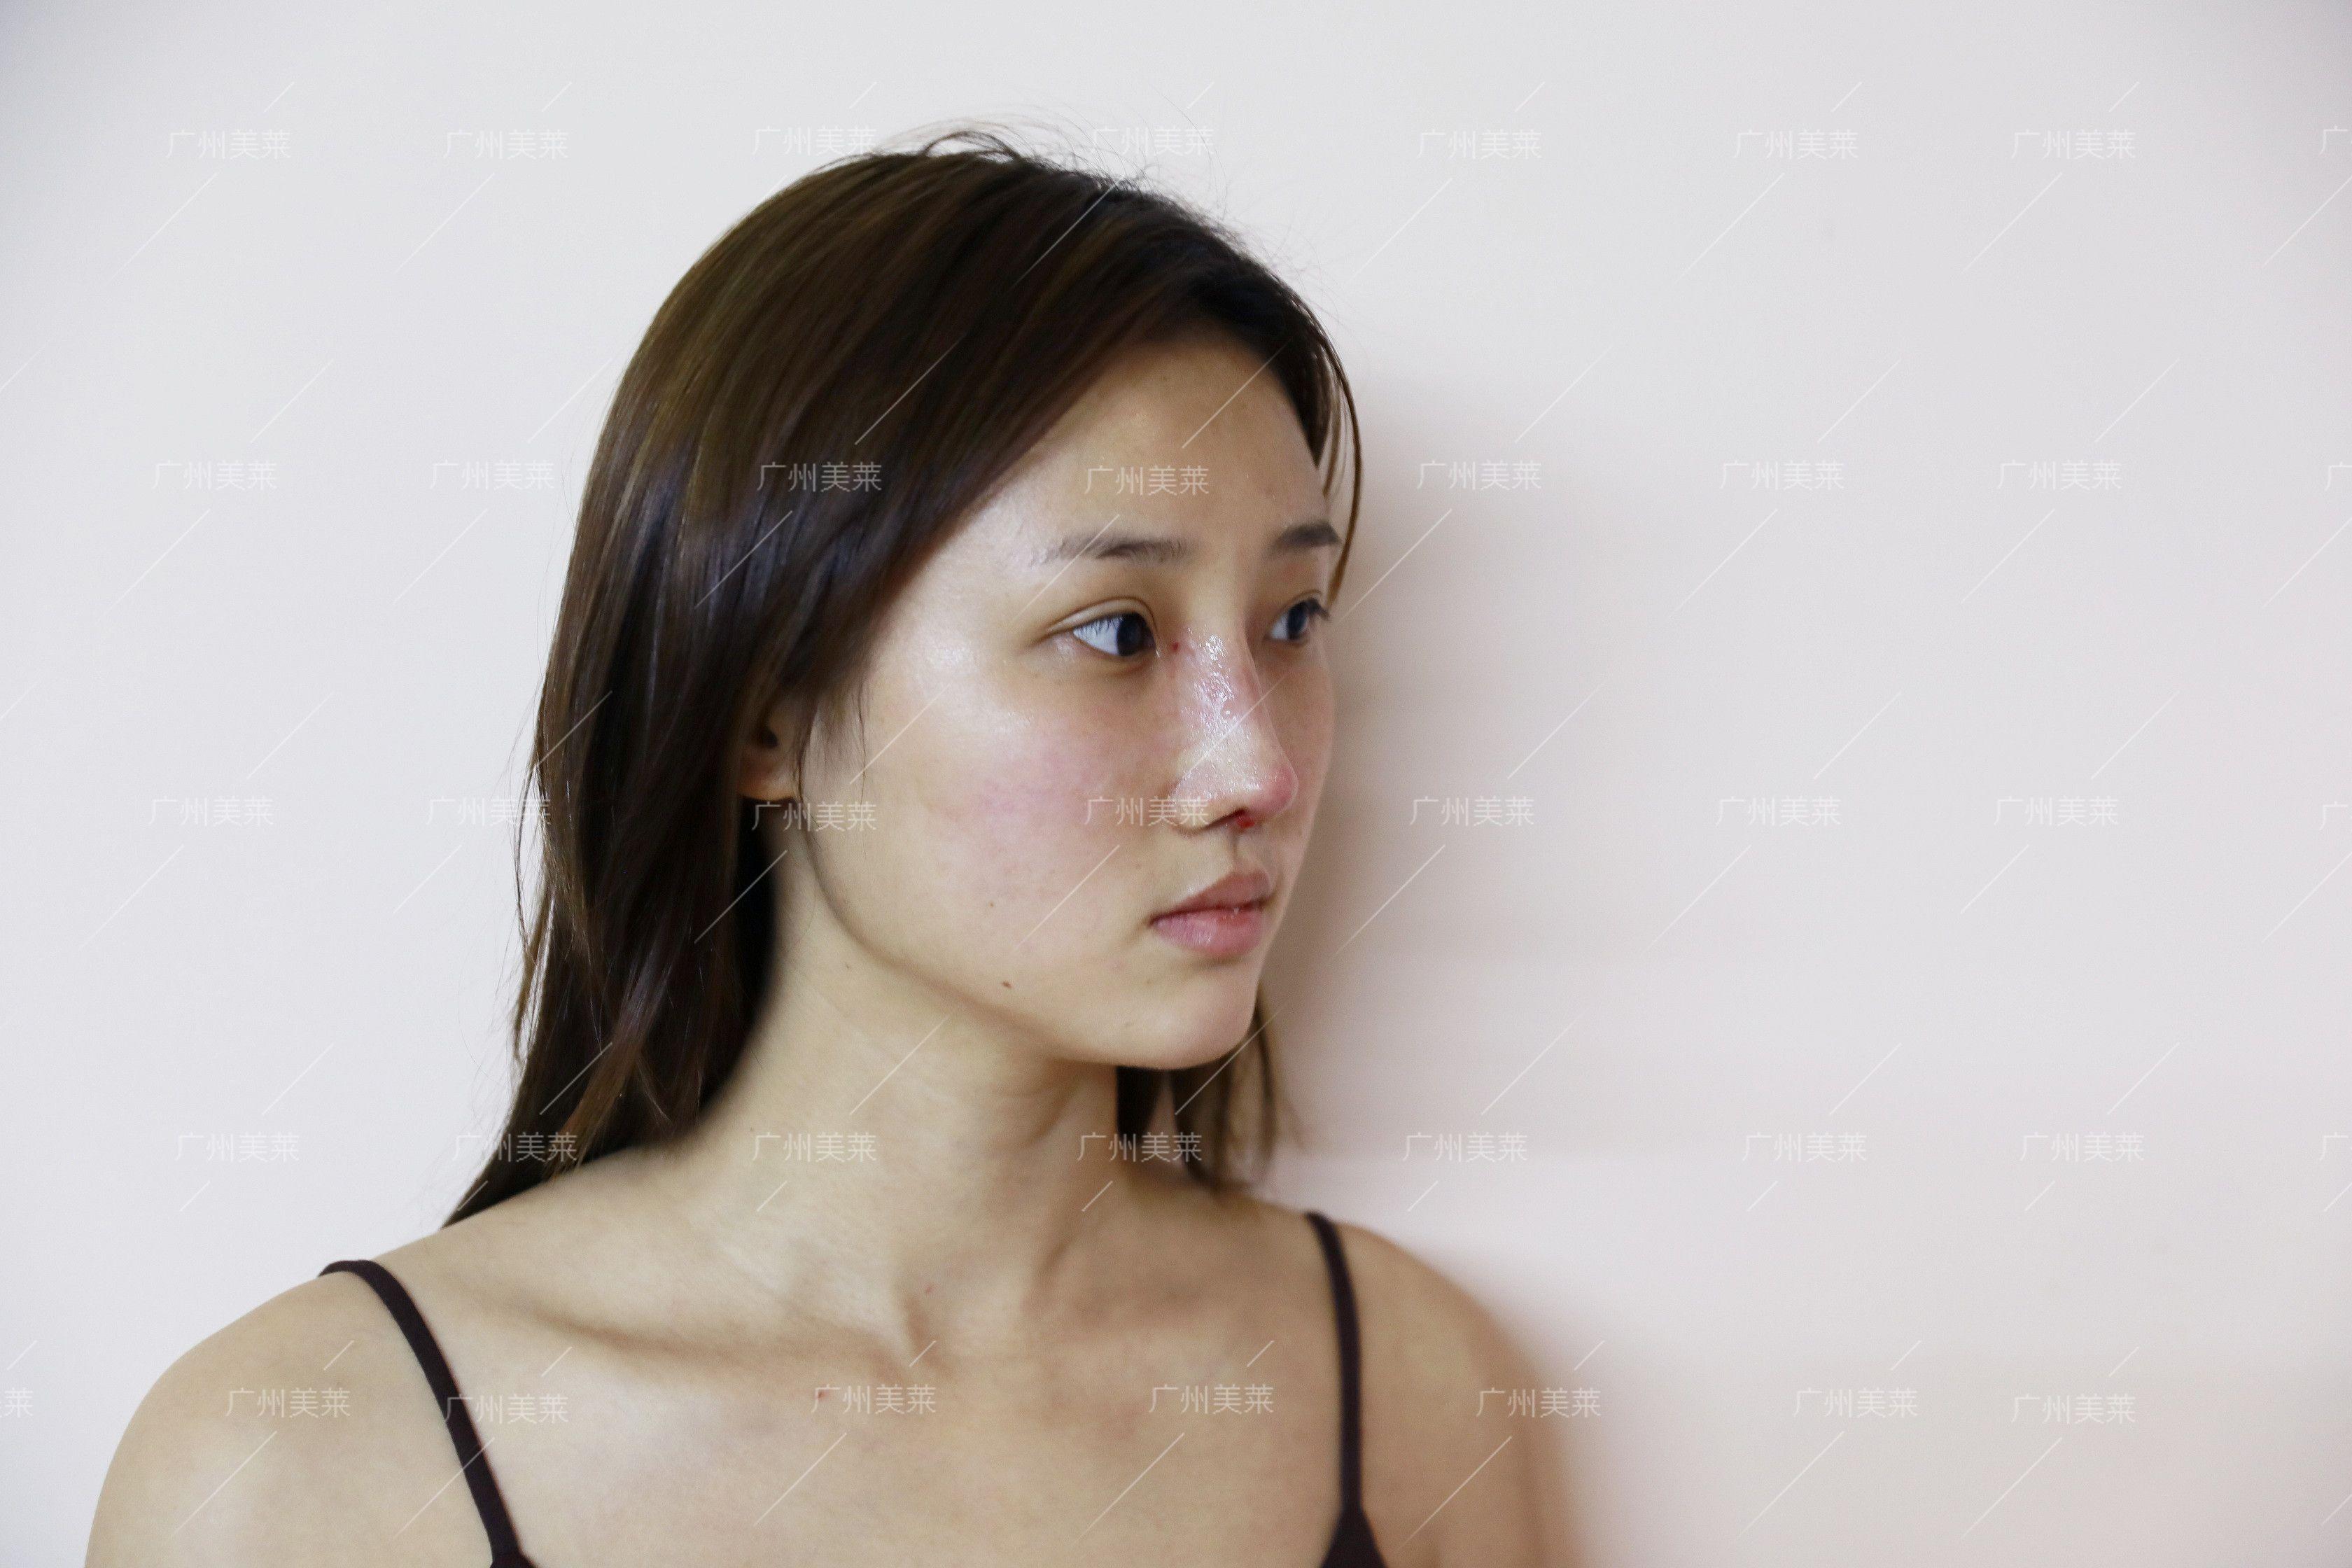 今天回来医院拆线了,小姐姐给我拍的照片,脸都油到发光,头发也是脏到不忍直视,鼻子还是肿肿的,效果还看不出来,完全消肿吸收应该要2个月,所以后续我还会继续给大家更新恢复情况。